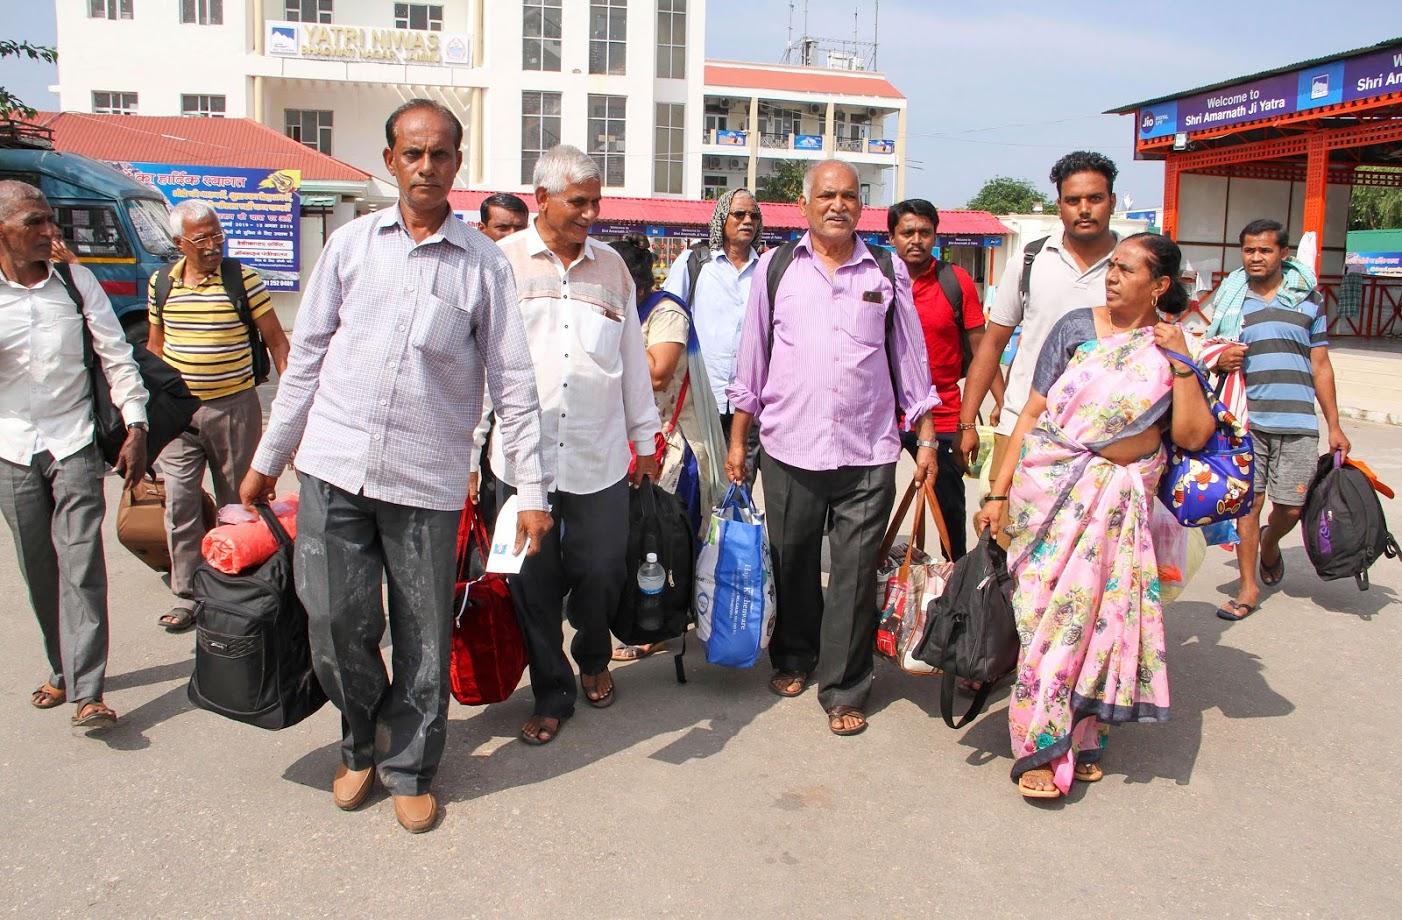 अमरनाथ यात्रा रद्द करण्यात आल्यानंतर यात्रेकरूंनी काश्मीरमधून परतीचा मार्ग धरला.